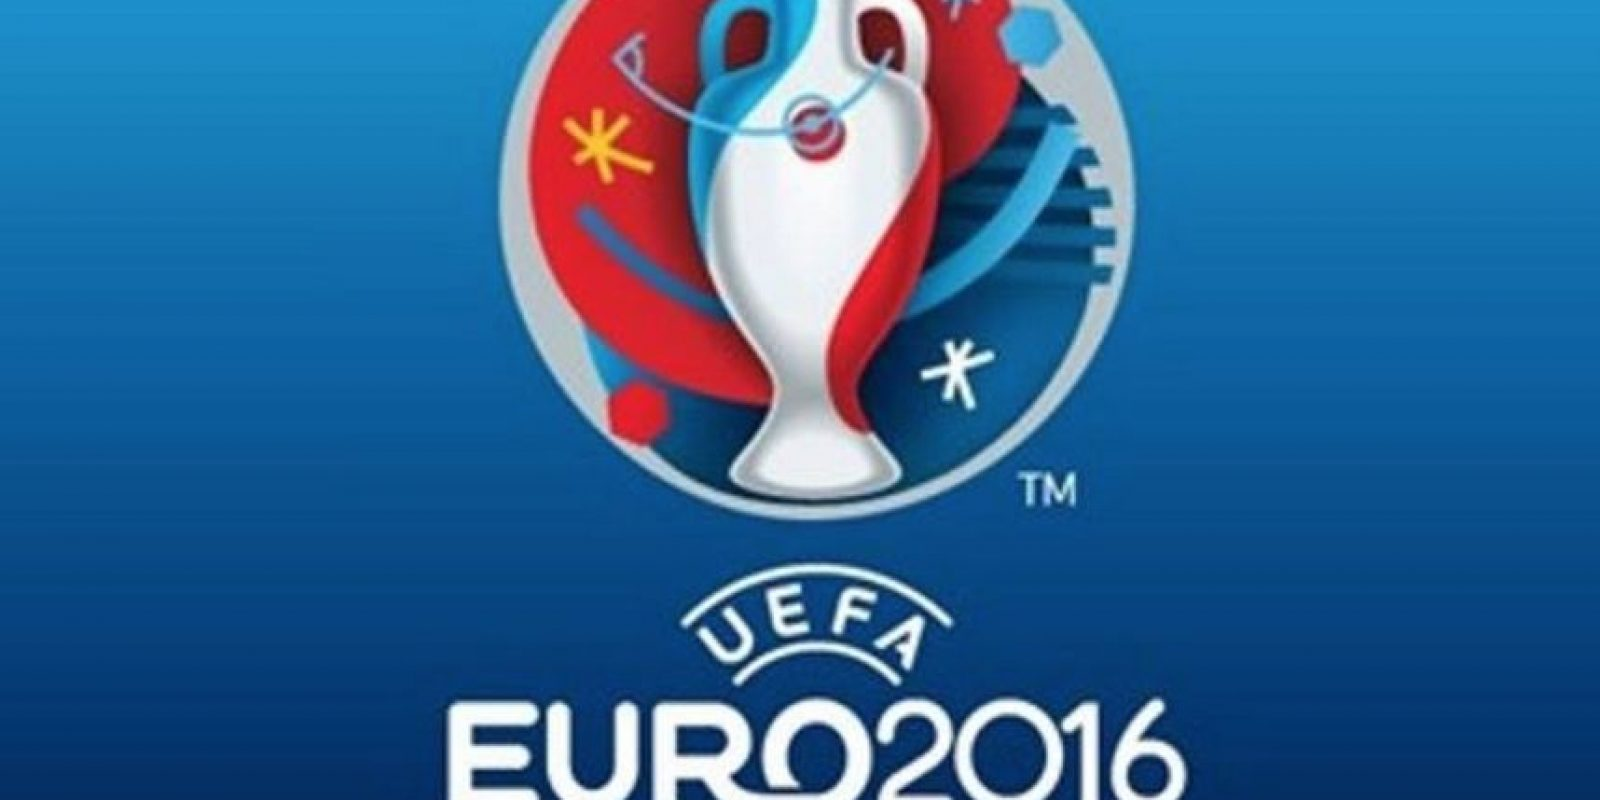 La Euro 2016 se jugará en Francia. Foto:vía facebook.com/euro2016franceactualites